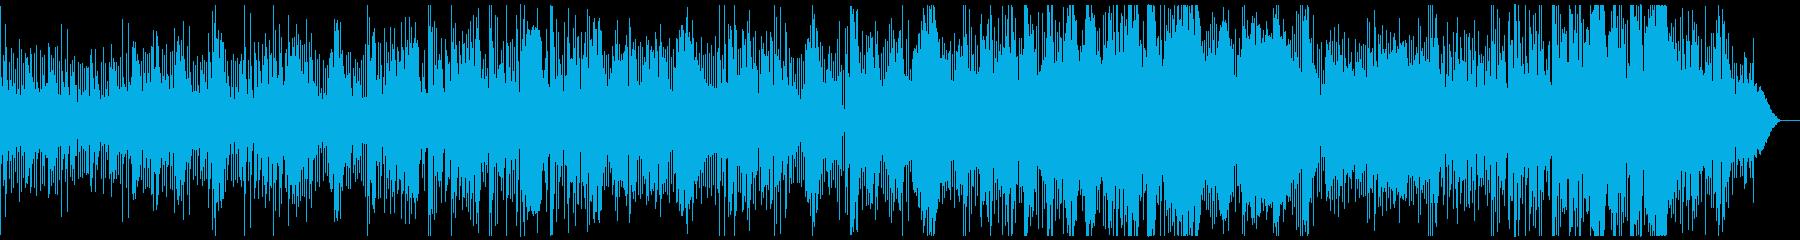 洋楽フォークポップ、アニメやゲーム挿入歌の再生済みの波形